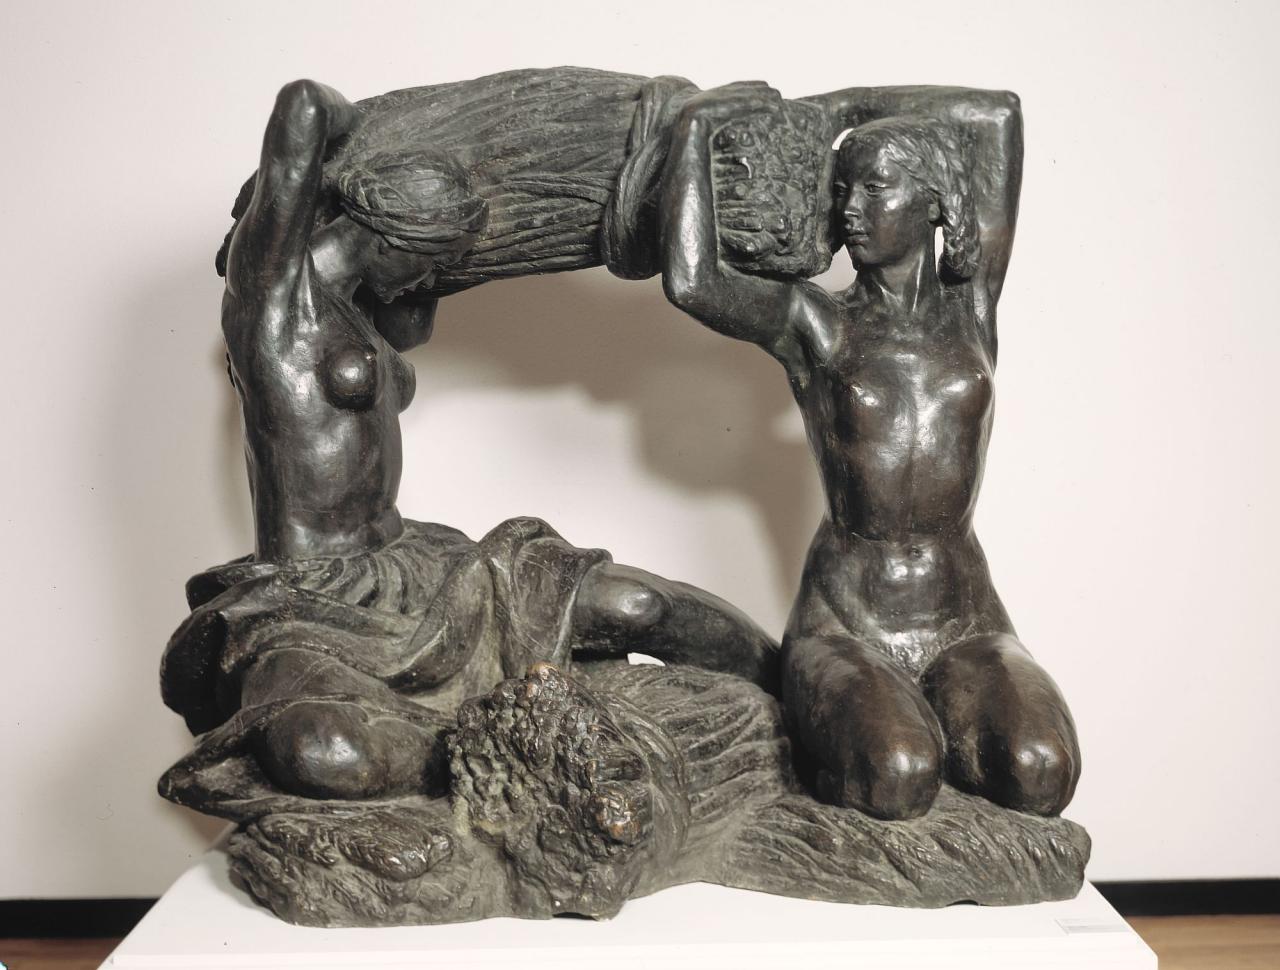 Мухина Вера Игнатьевна (1889-1953)Хлеб153 х 166 х 133 бронзаТретьяковская галерея